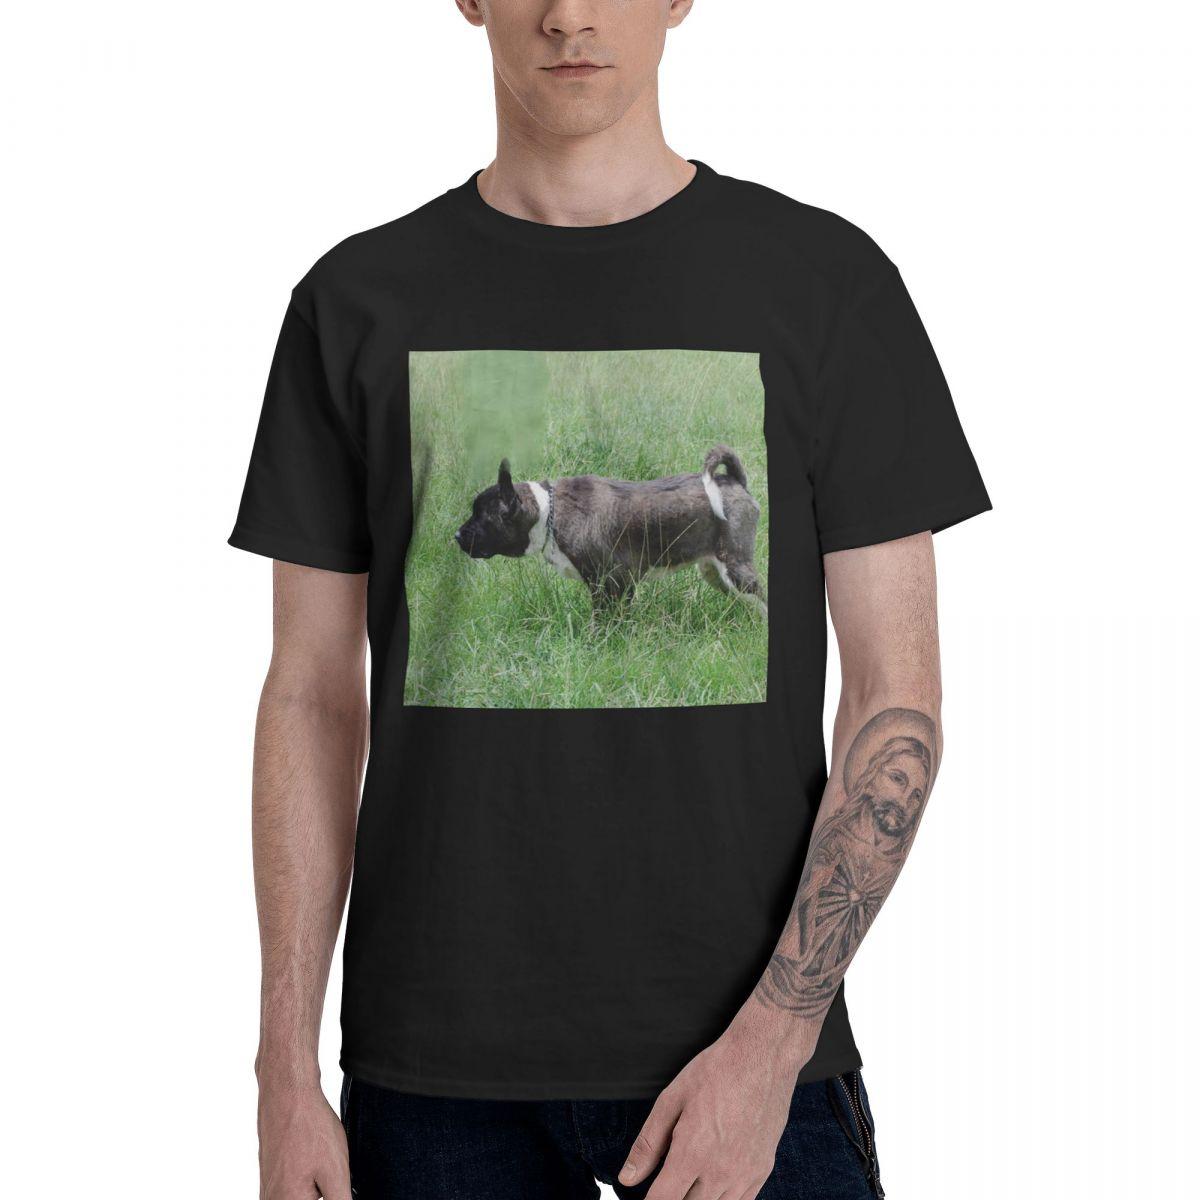 Camiseta gráfica de puntería para hombre, camisetas cortas básicas de manga corta,...